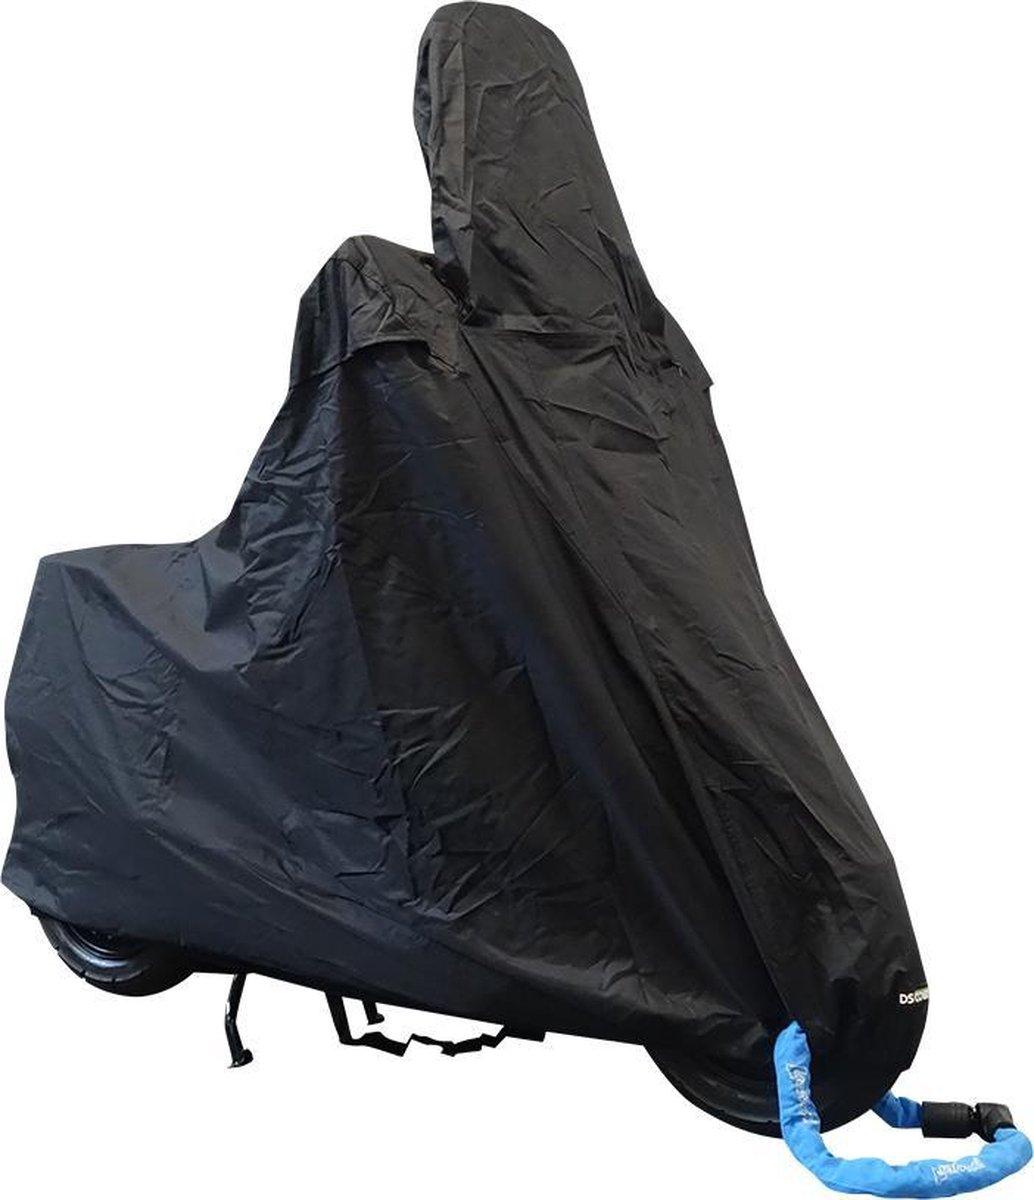 CUP scooterhoes | L | Outdoor | Met windscherm | DS COVERS